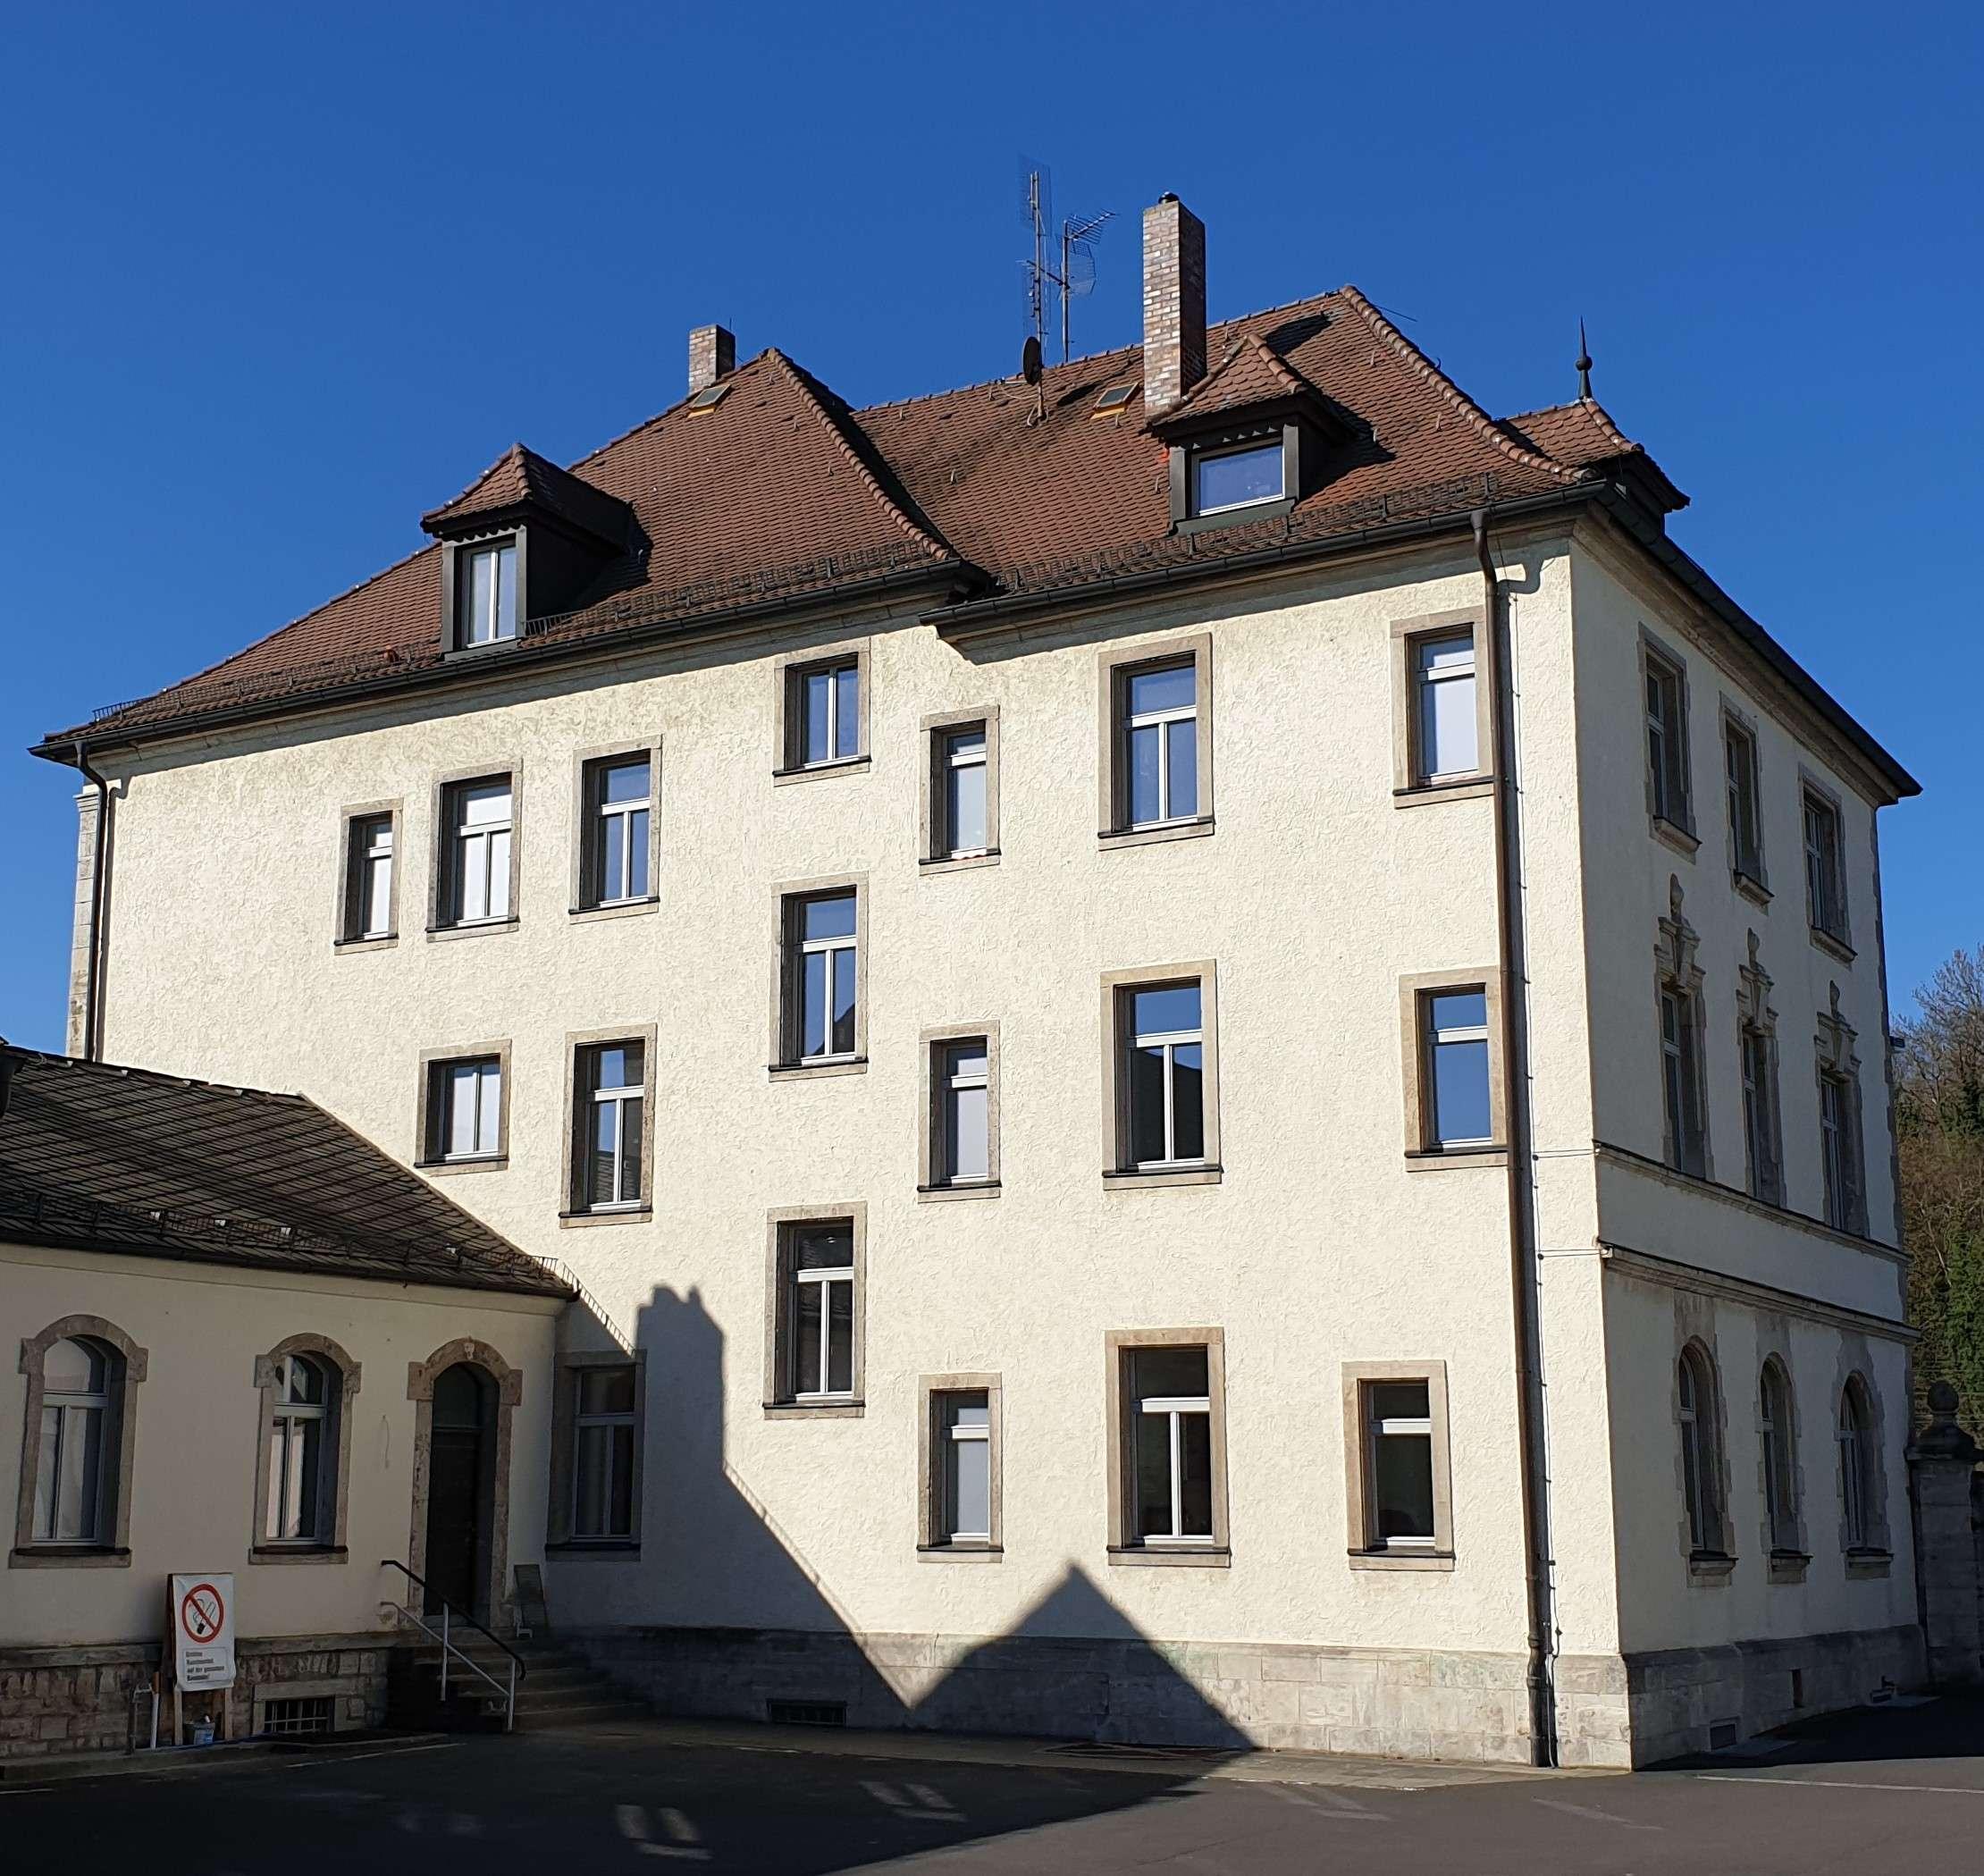 Sanierte Wohnung in guter Lage! in Kitzingen